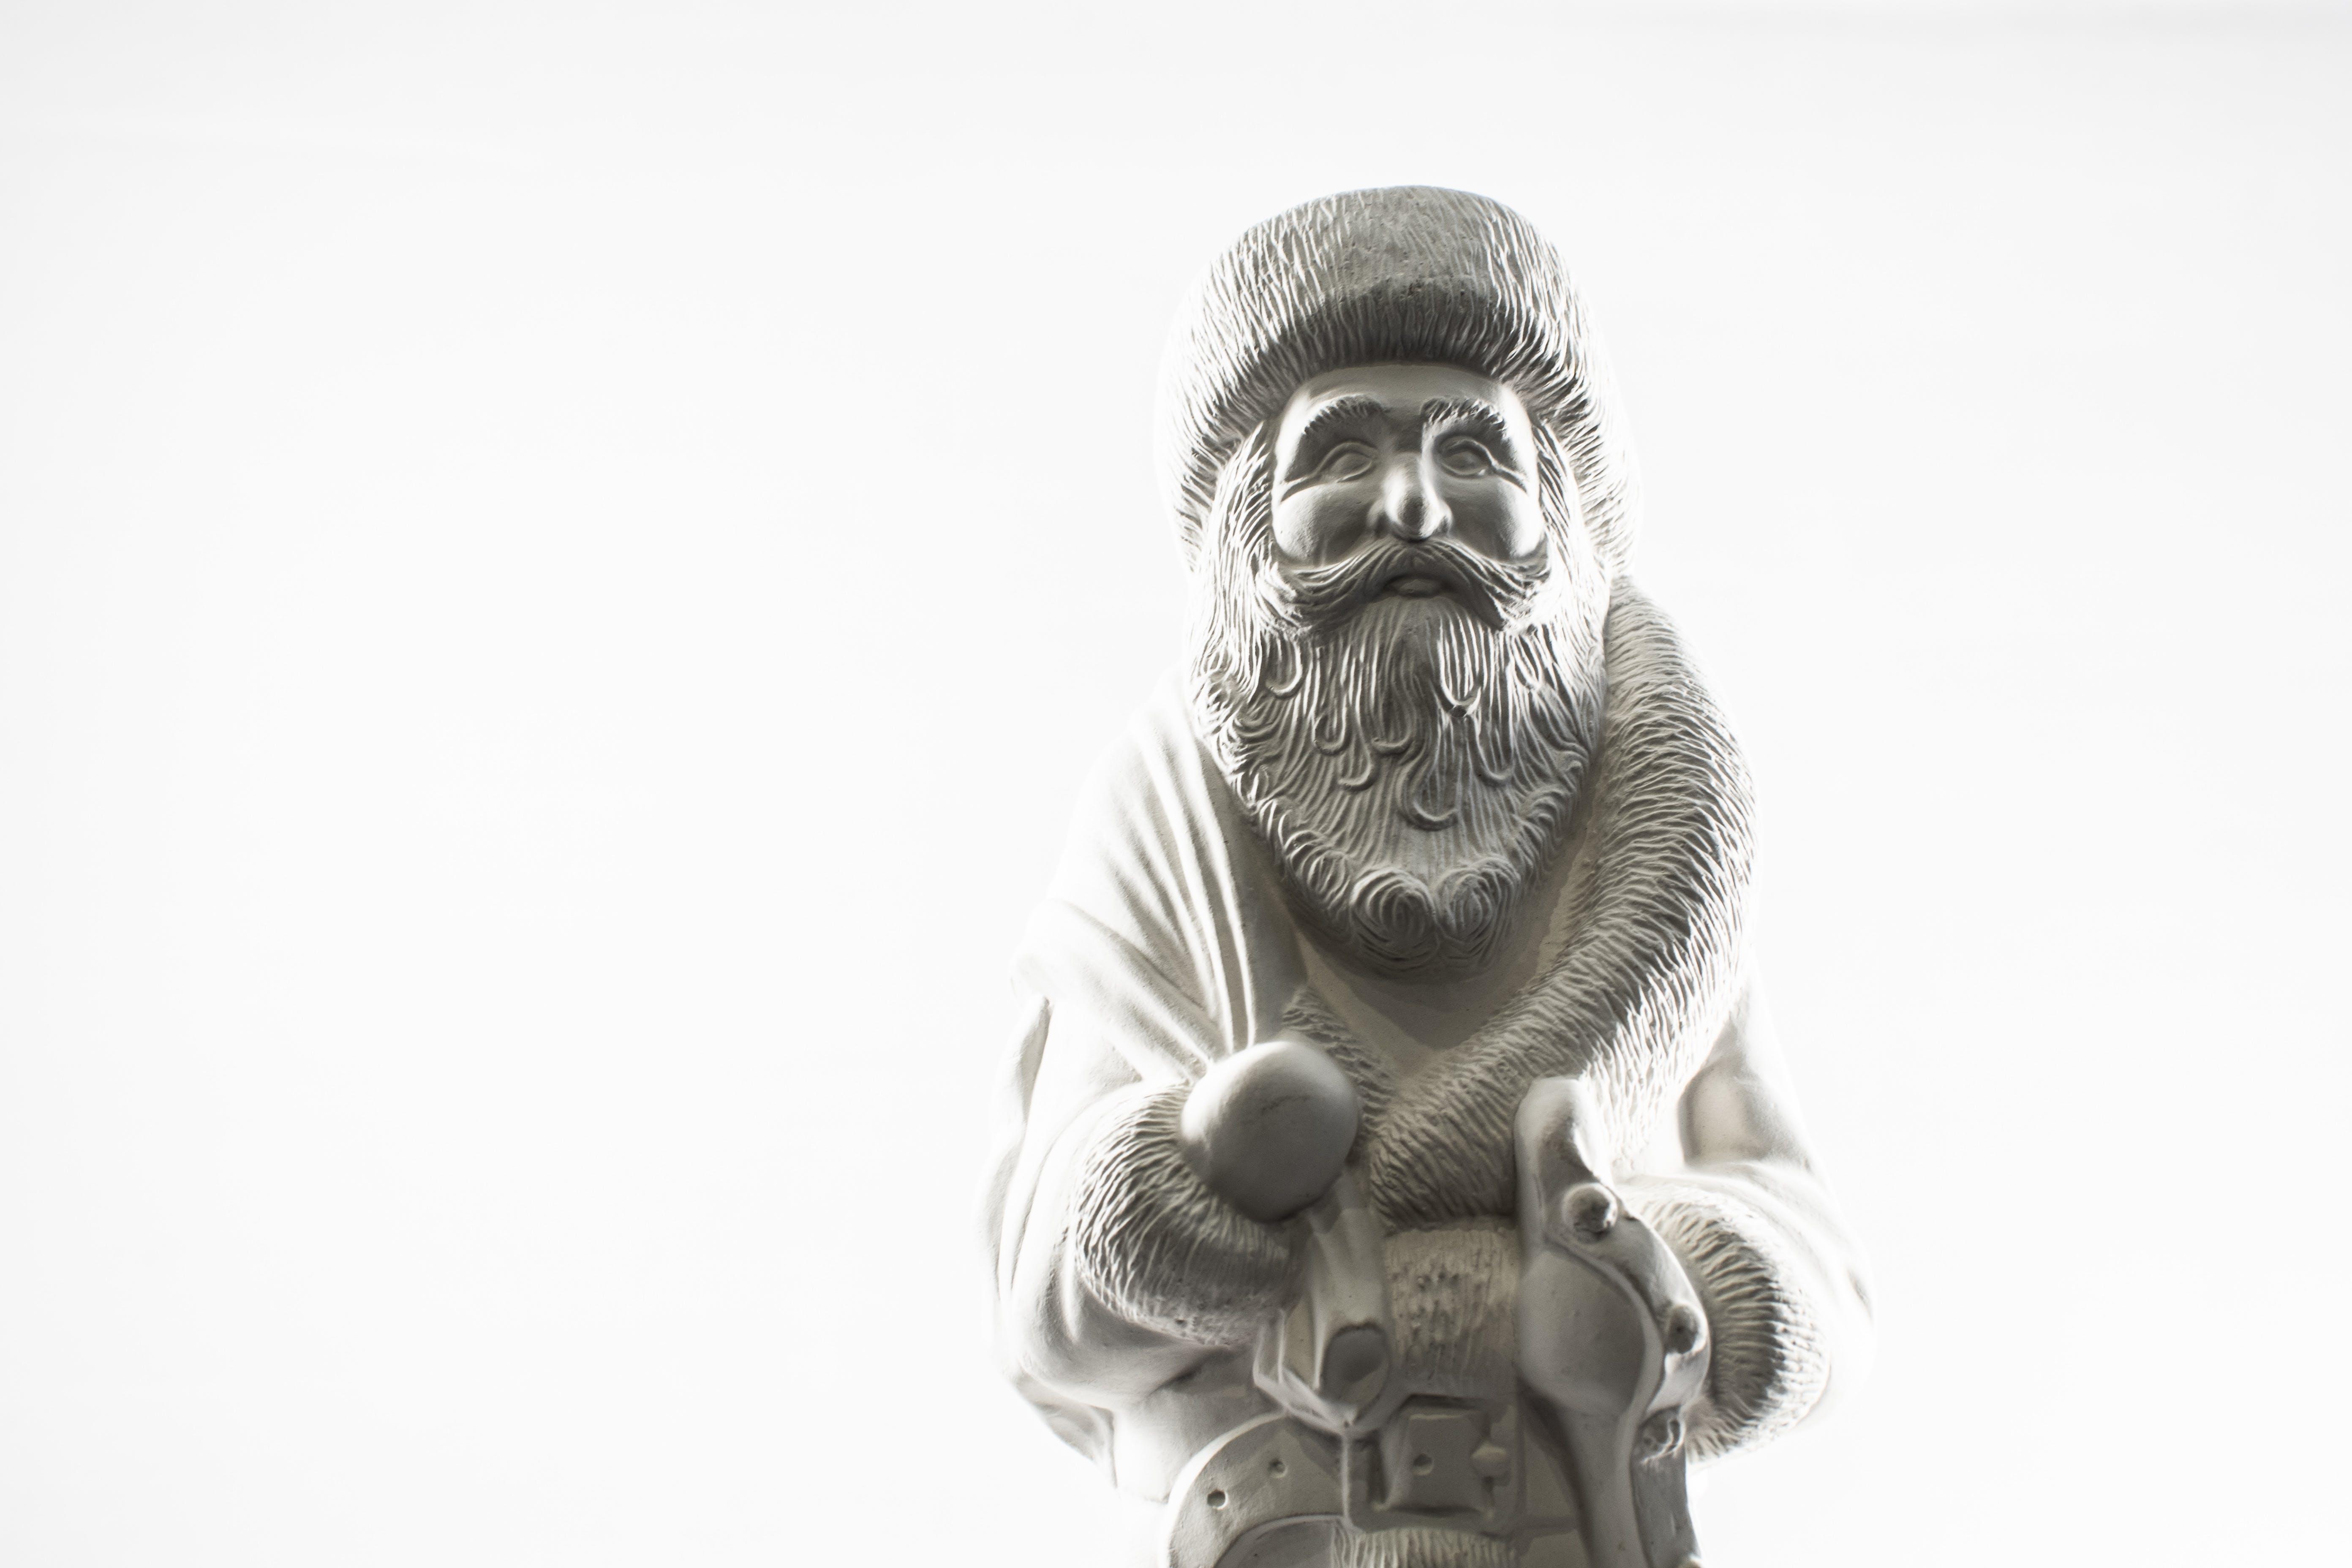 Kostenloses Stock Foto zu schwarz und weiß, skulptur, statue, weihnachtsmann